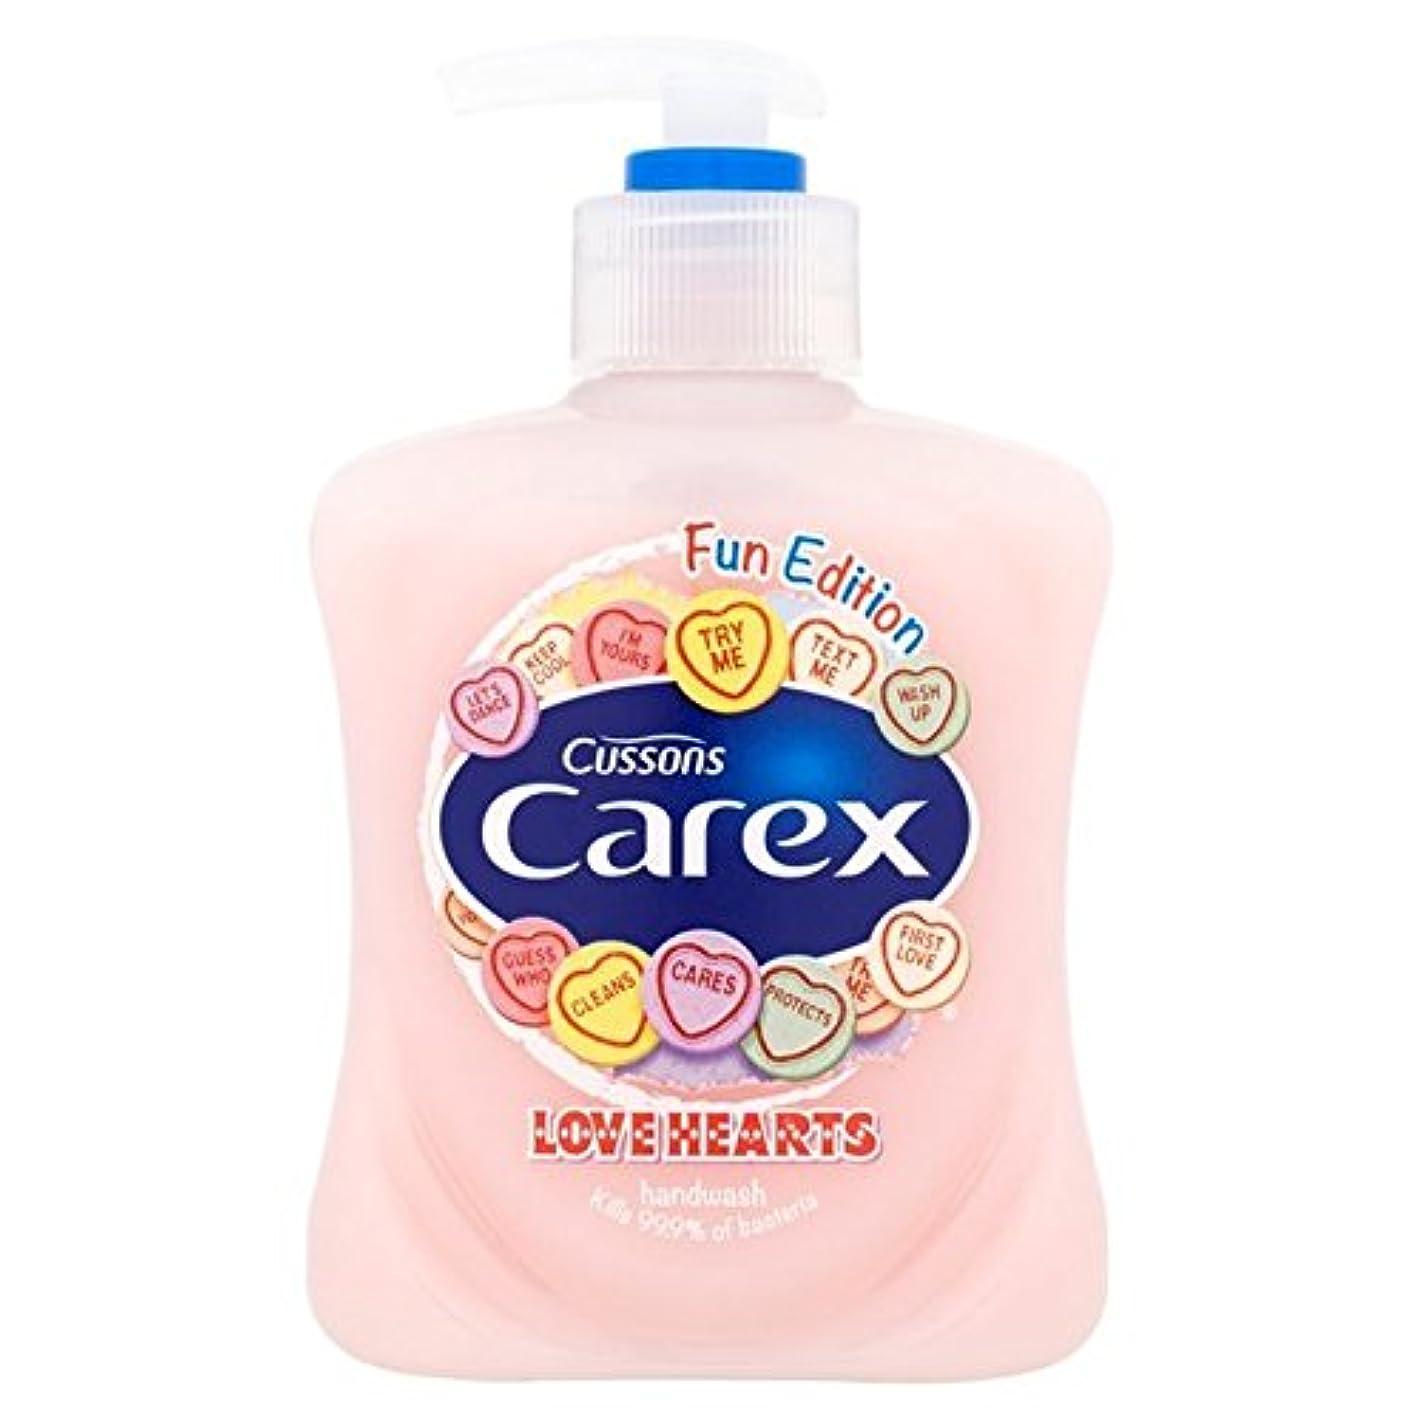 に頼る開発溶けるスゲ楽しい版愛の心のハンドウォッシュ250ミリリットル x4 - Carex Fun Edition Love Hearts Hand Wash 250ml (Pack of 4) [並行輸入品]